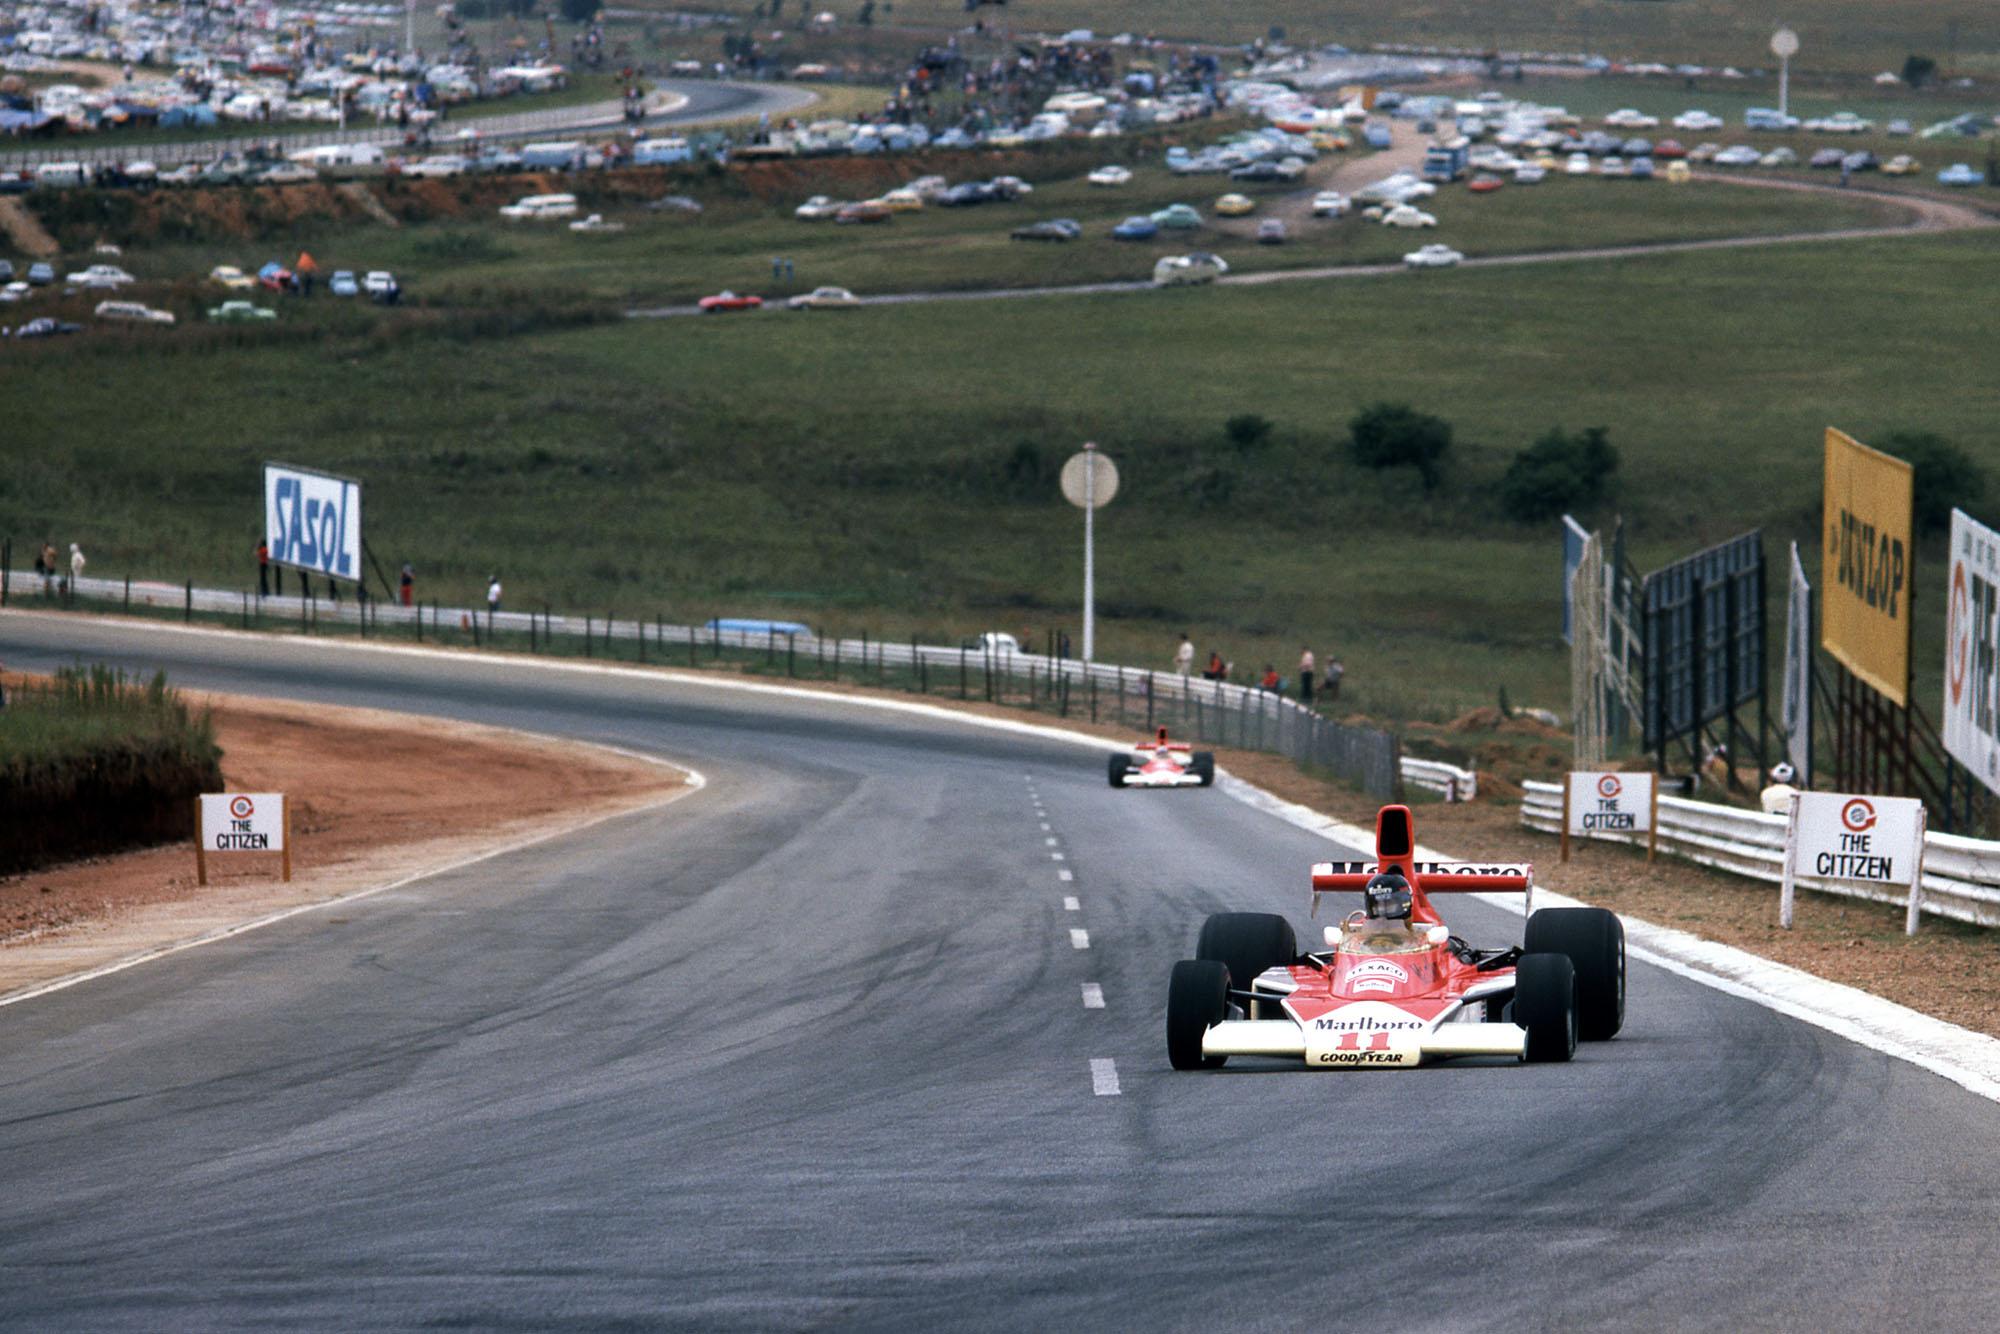 James Hunt (McLaren) driving at the 1976 South African Grand Prix, Kyalami.